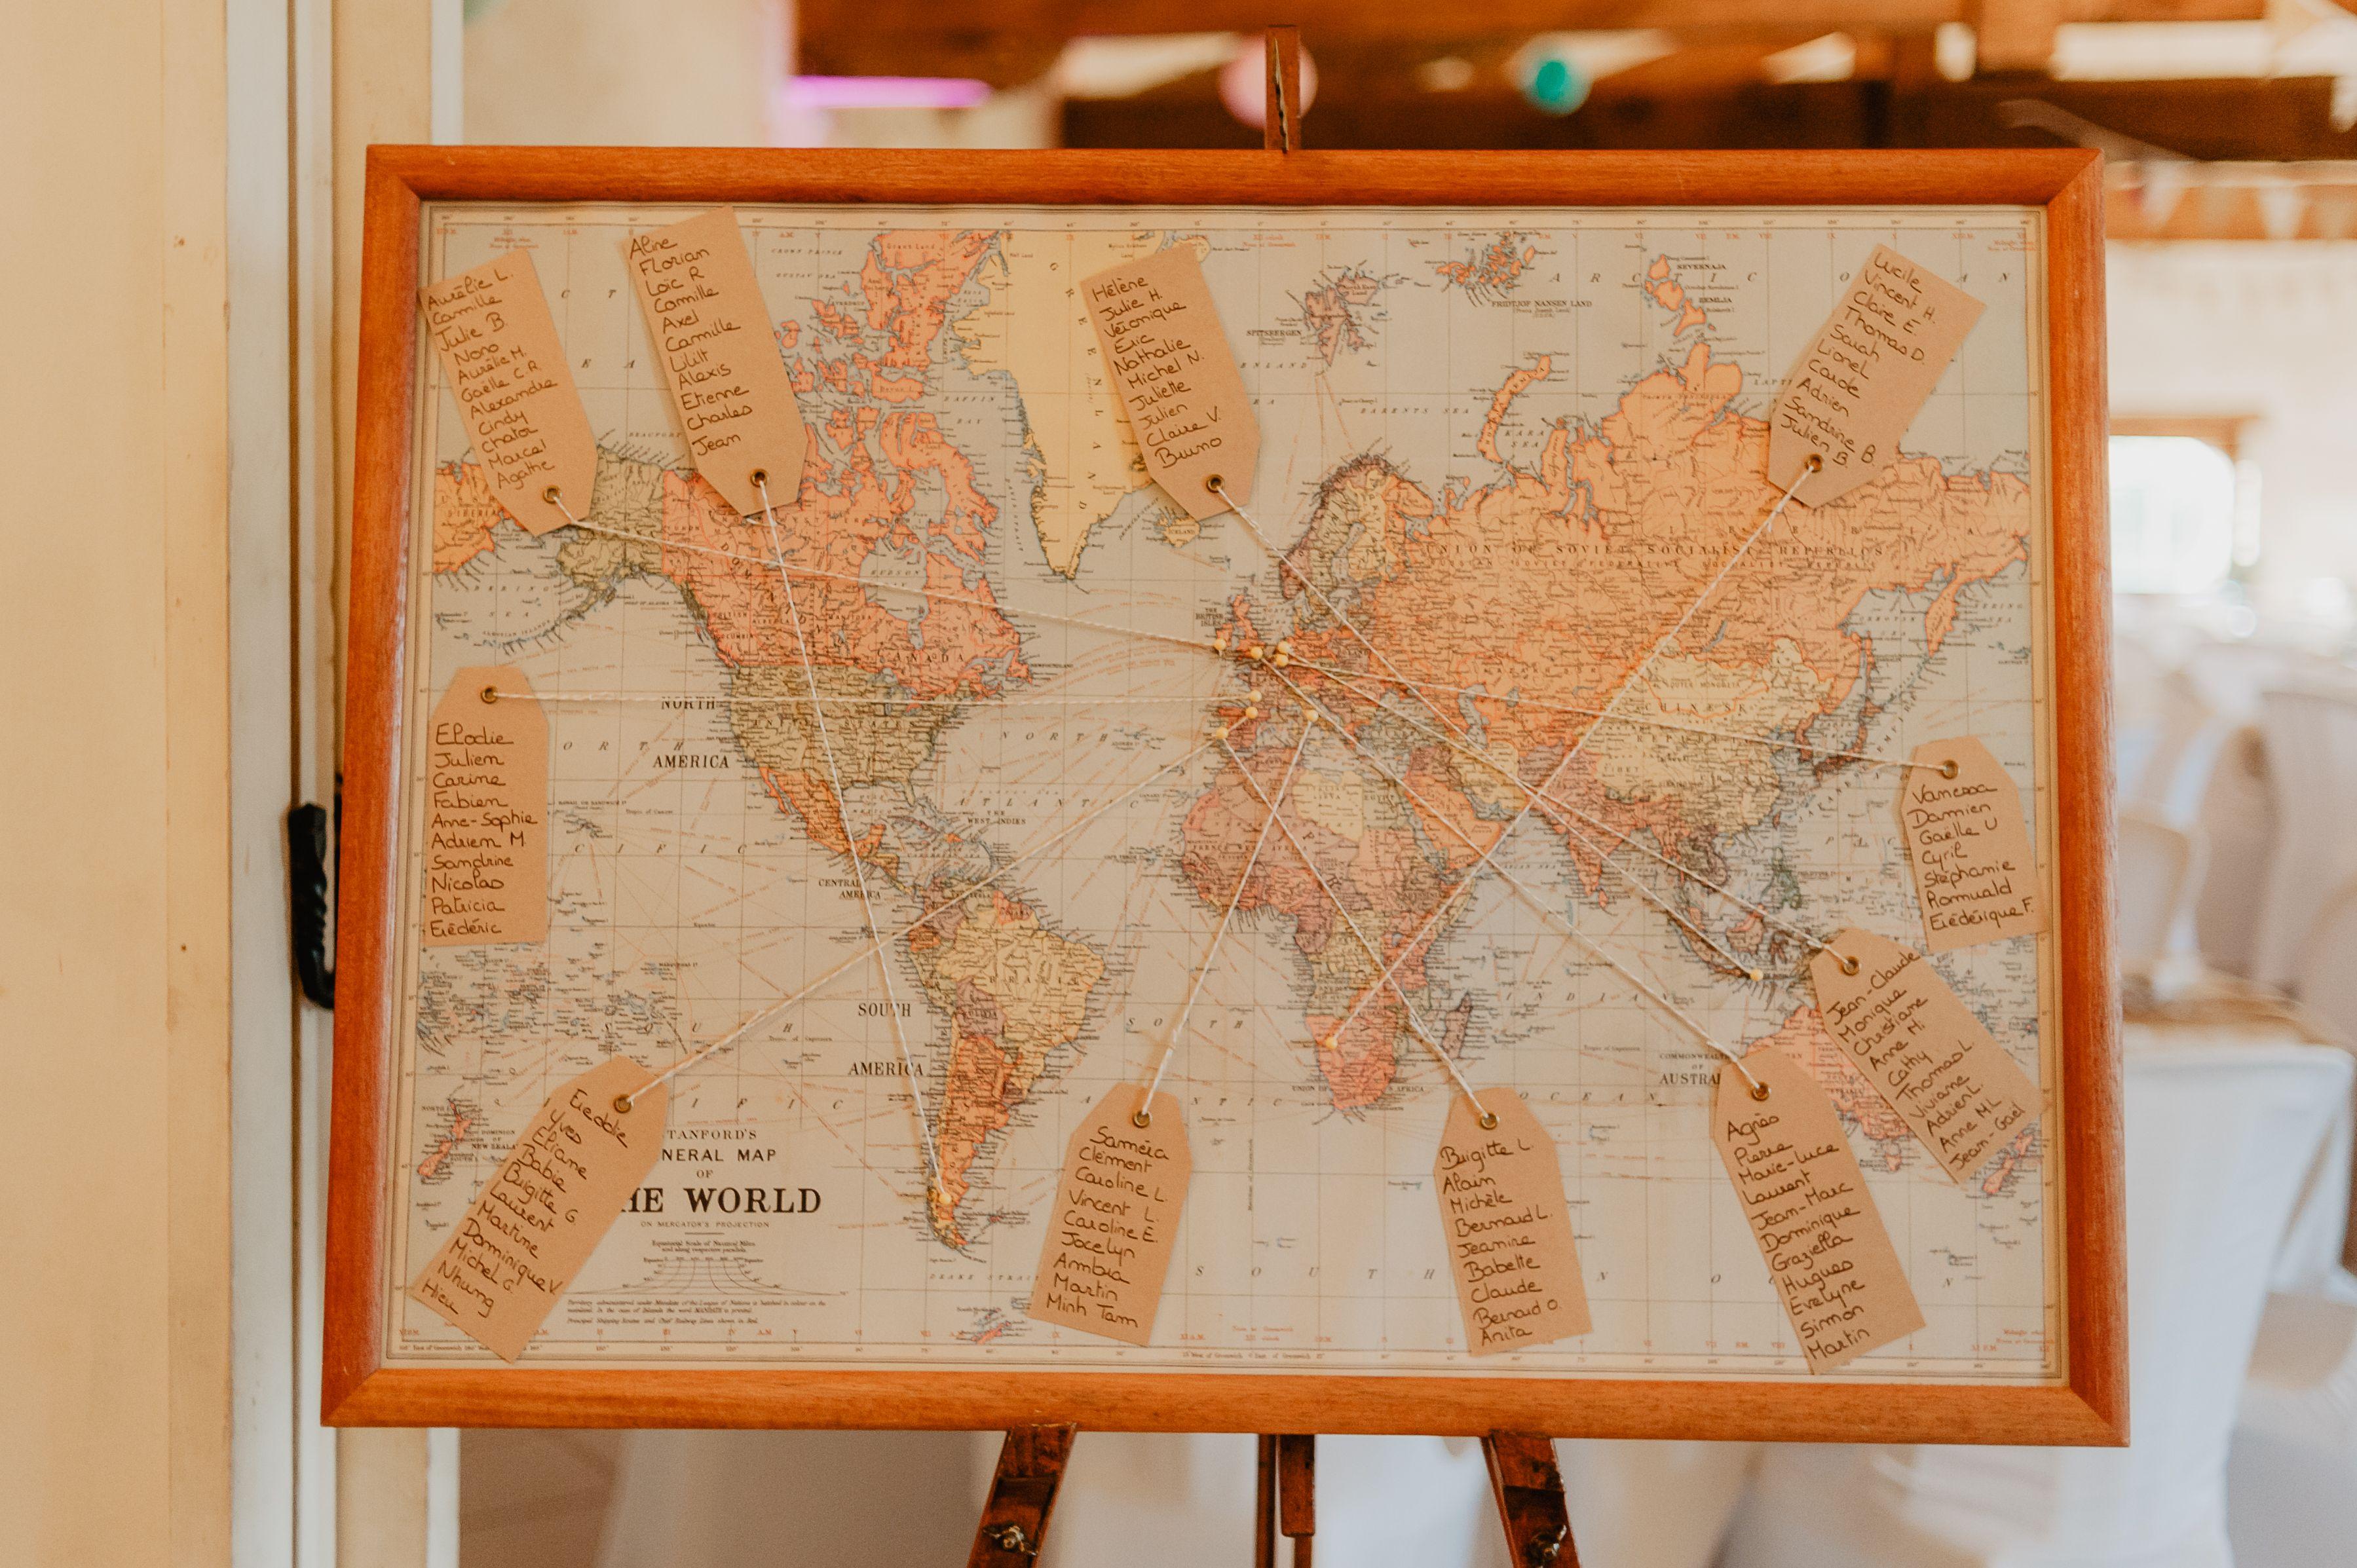 Idee De Plan De Table Theme Voyage La Mappemonde Deco Mariage Original Photographe Mariage Bordeaux Photographe Mariage